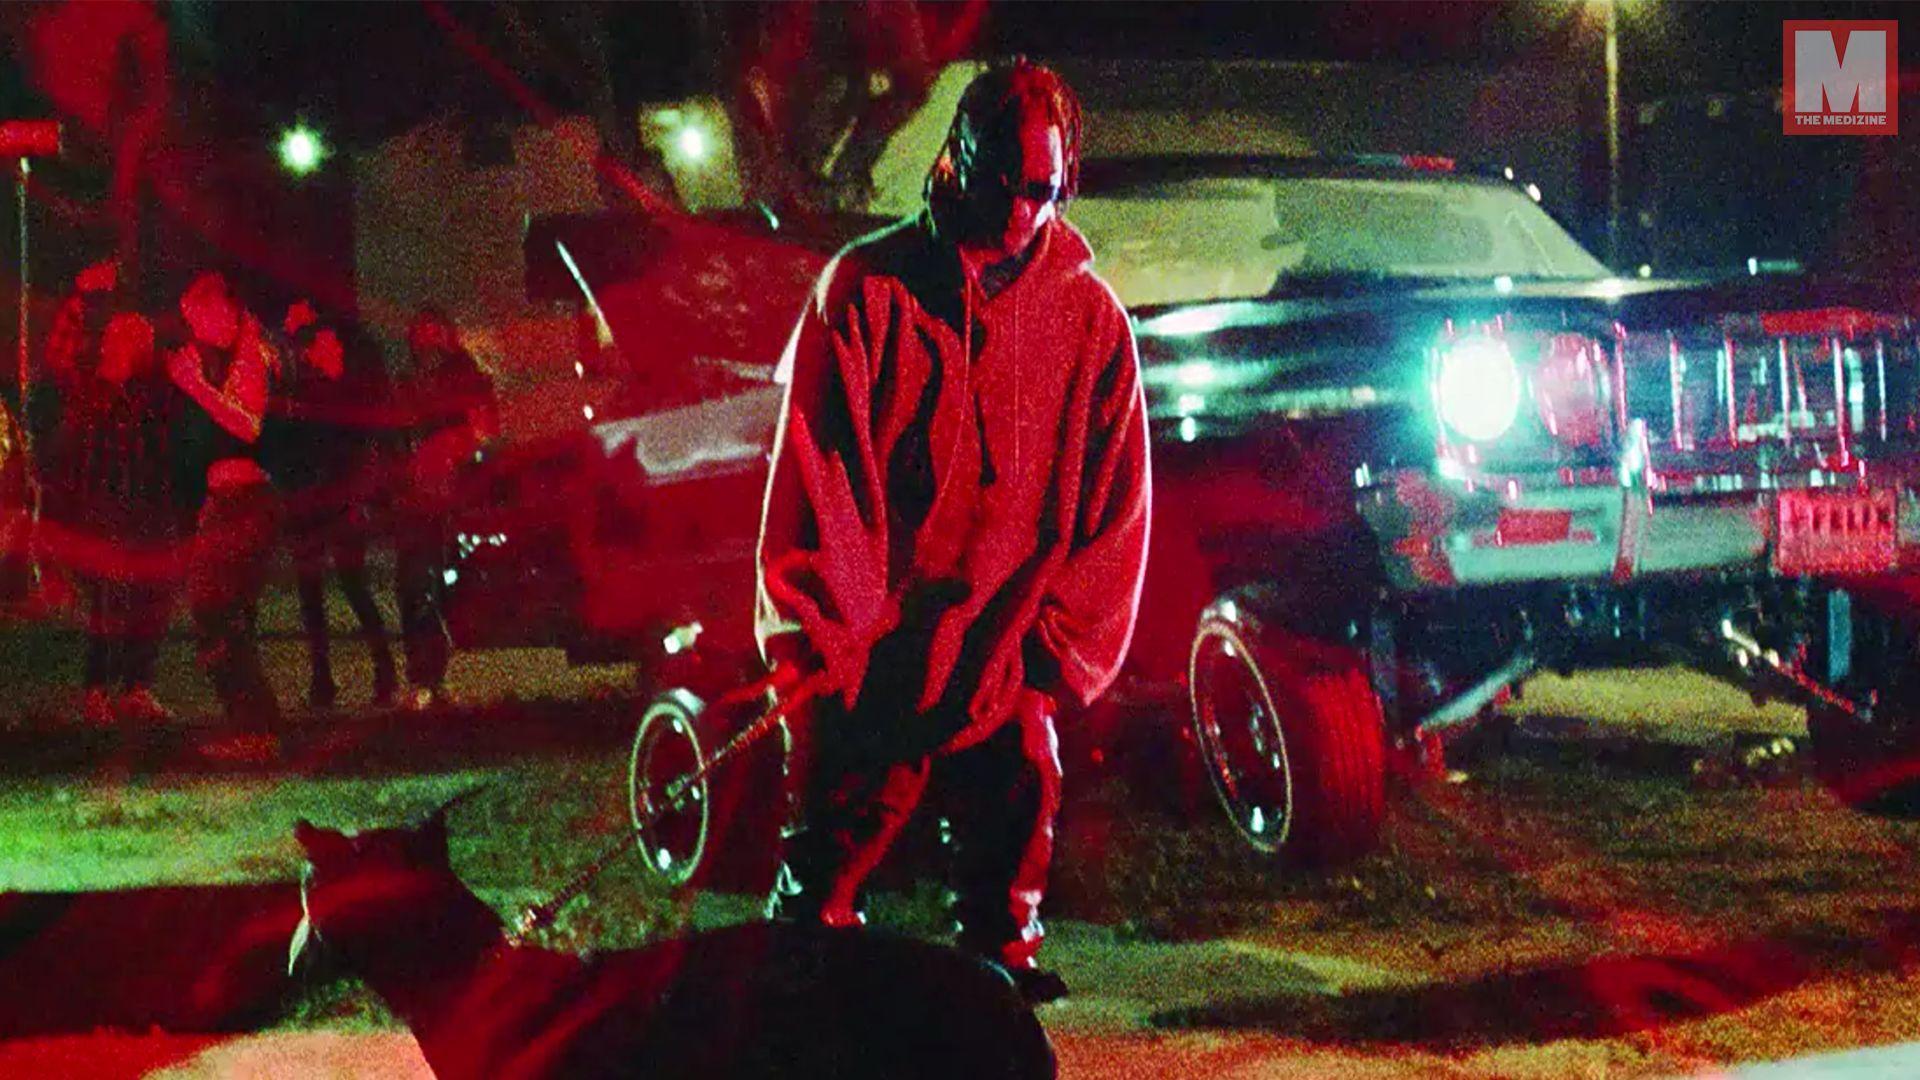 Night Travis Scott Wallpapers Top Free Night Travis Scott